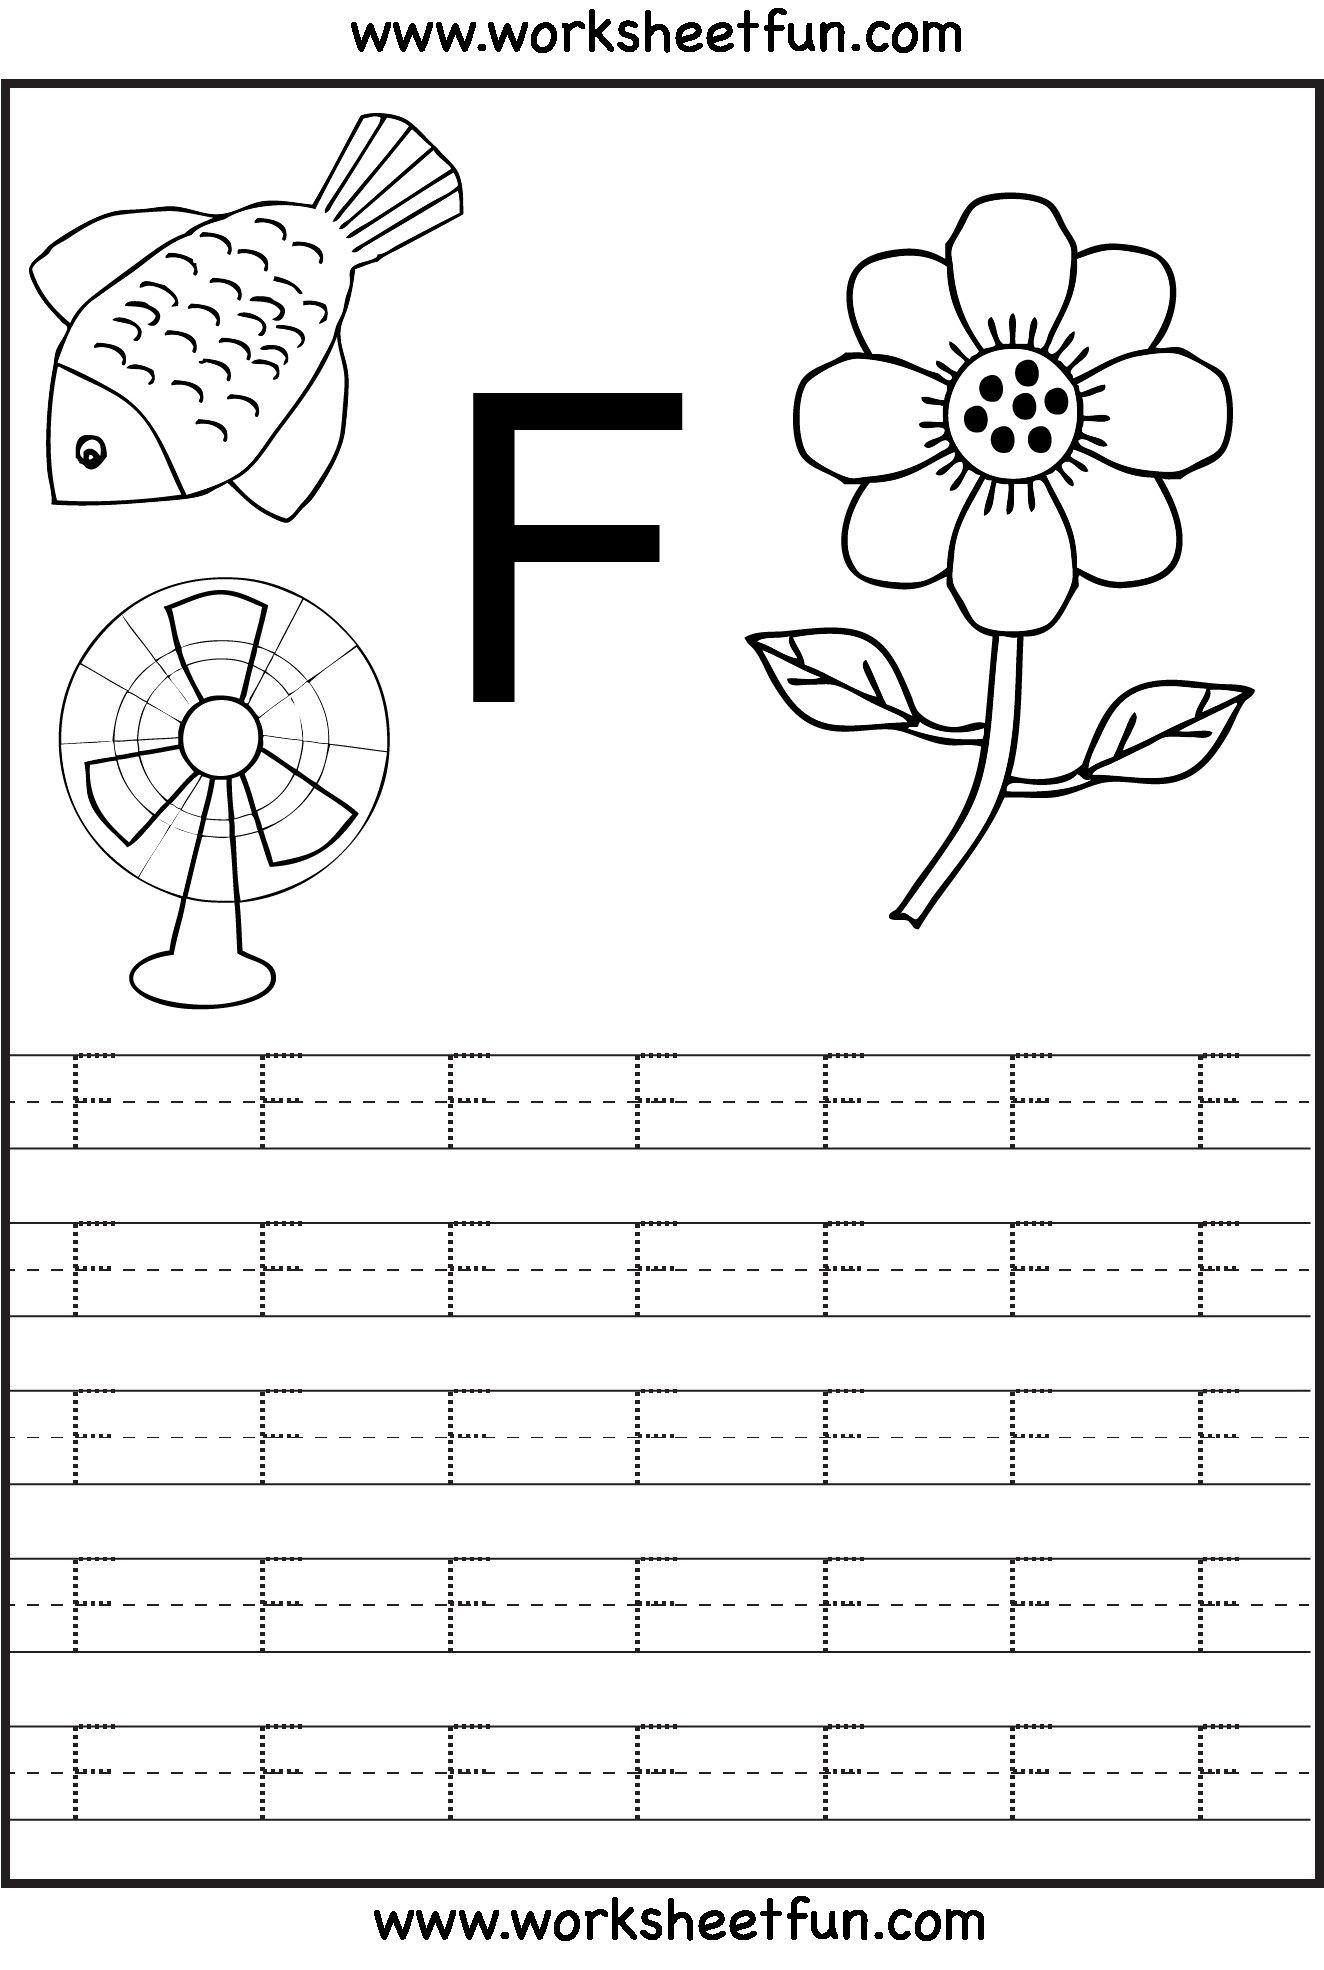 10 Inspiring Printable Preschool Worksheets Free In